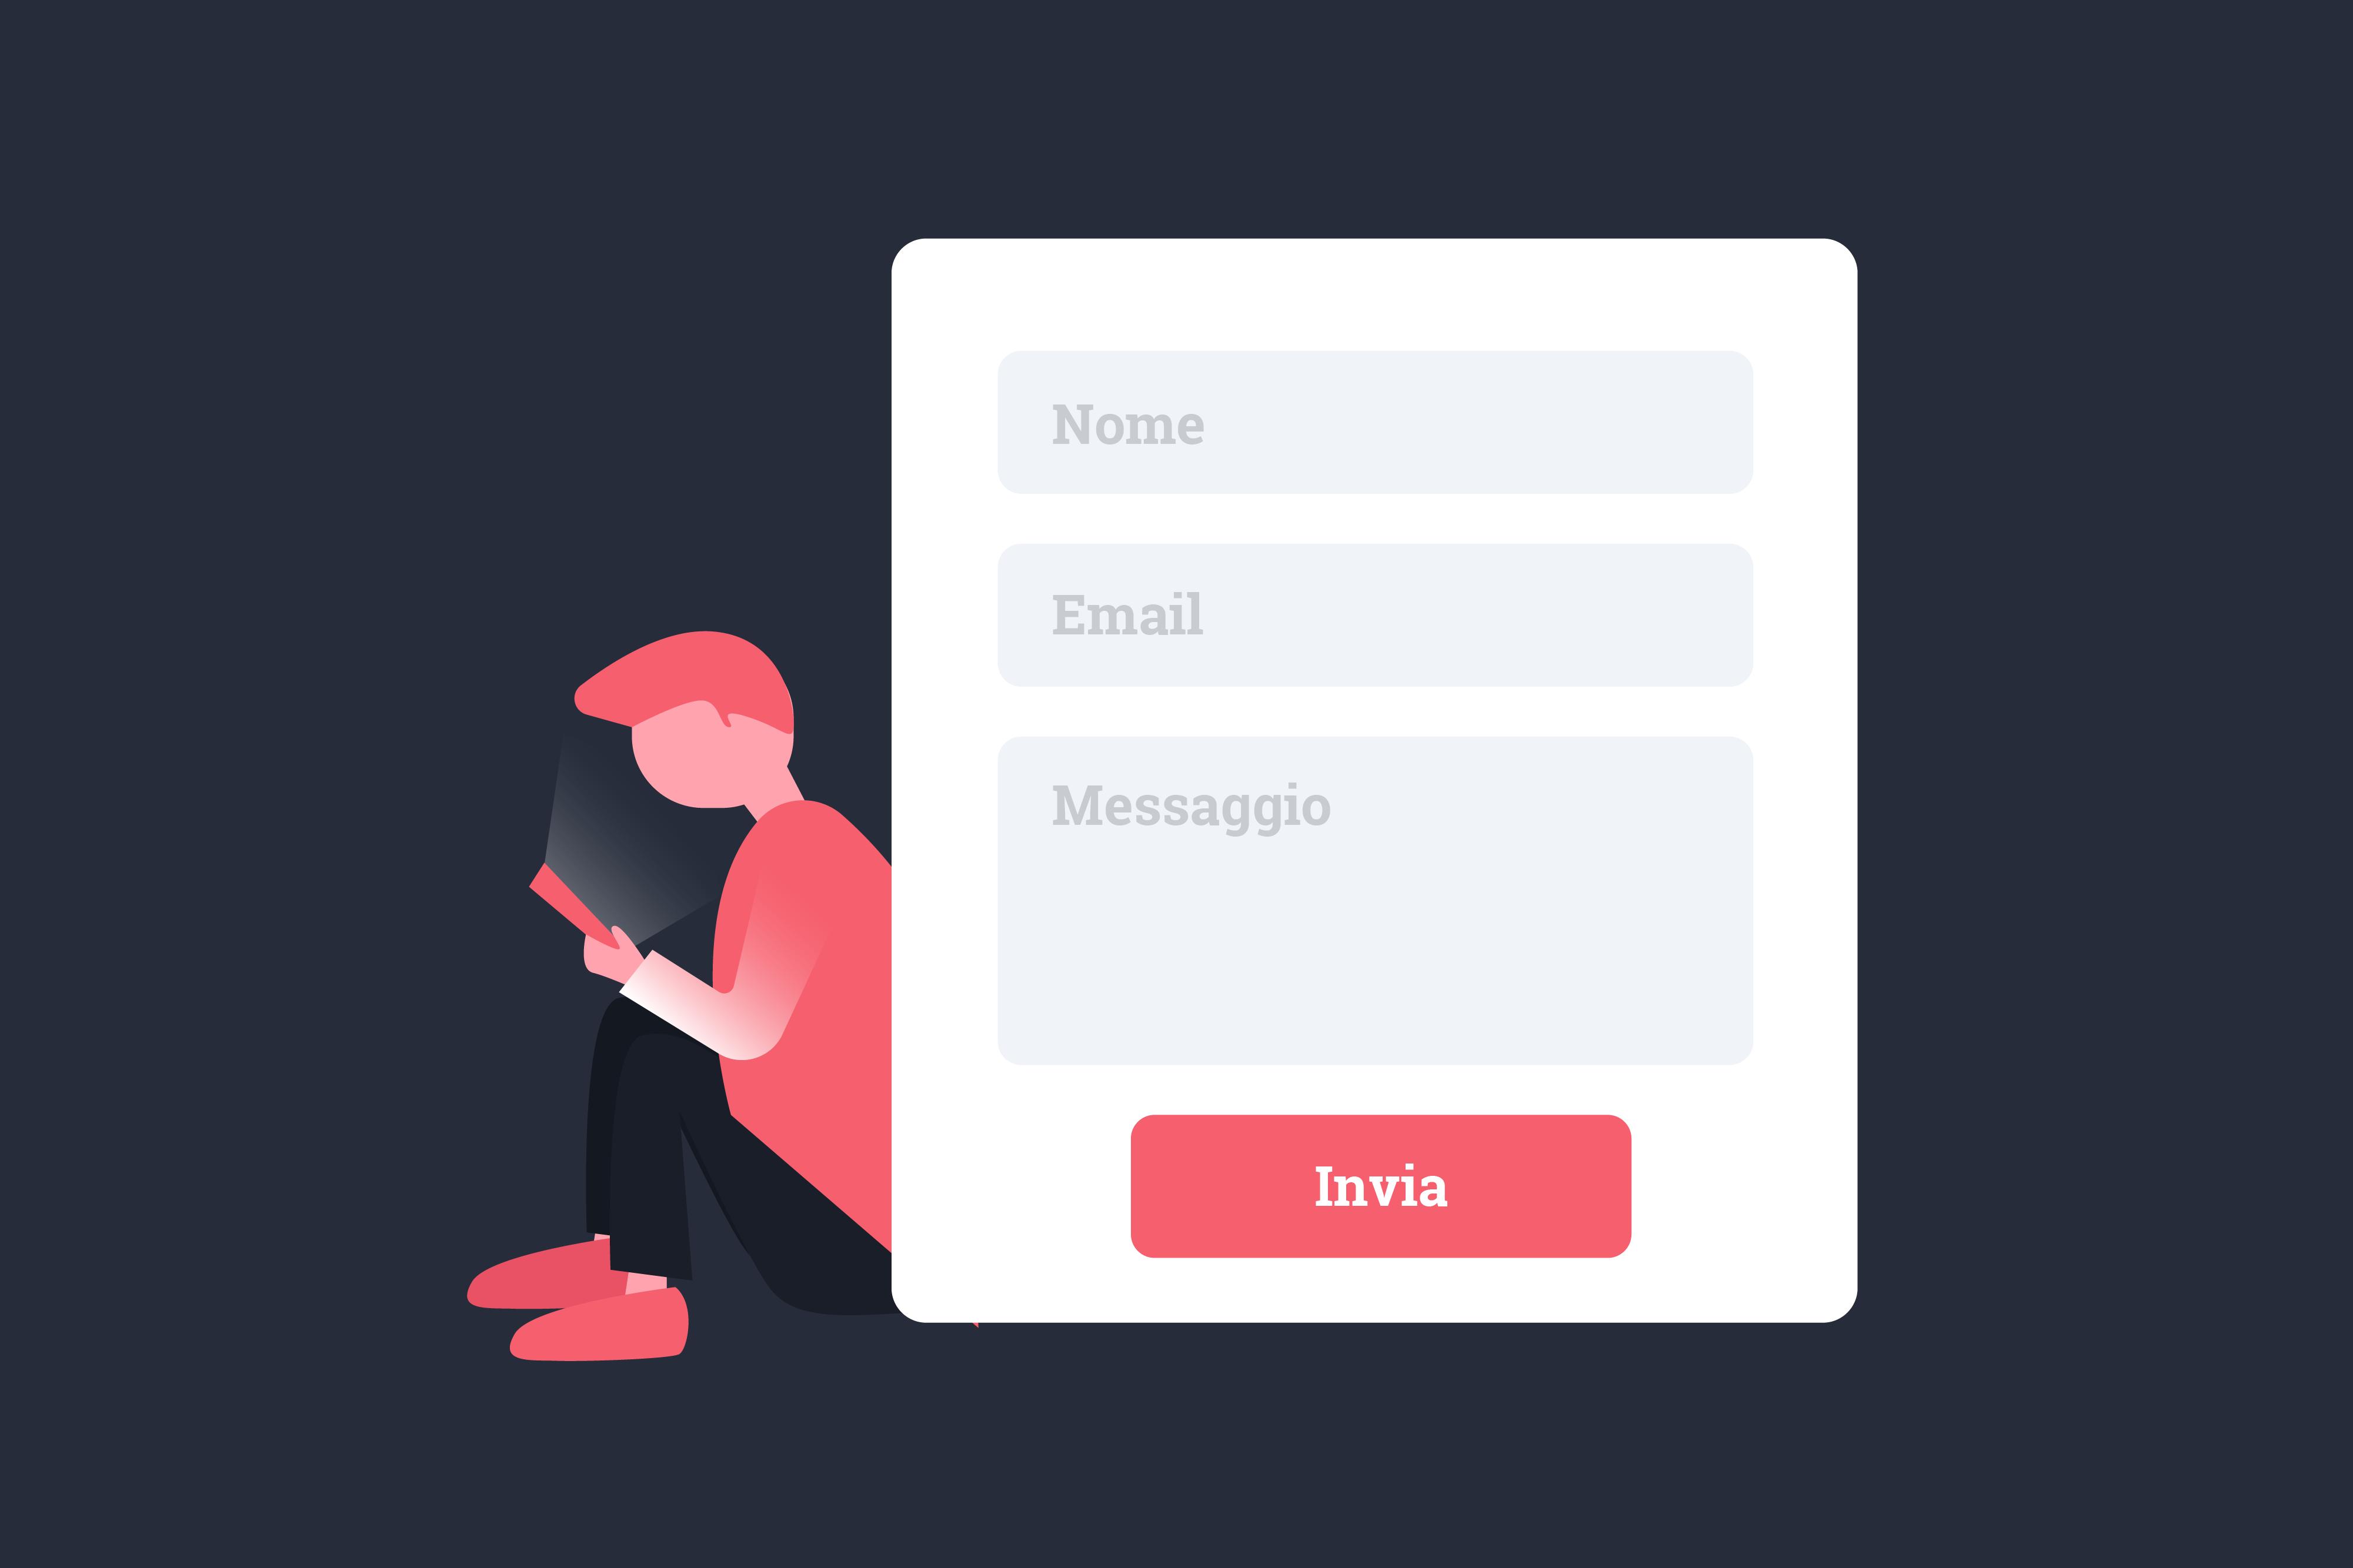 Come migliorare l'UX di un form